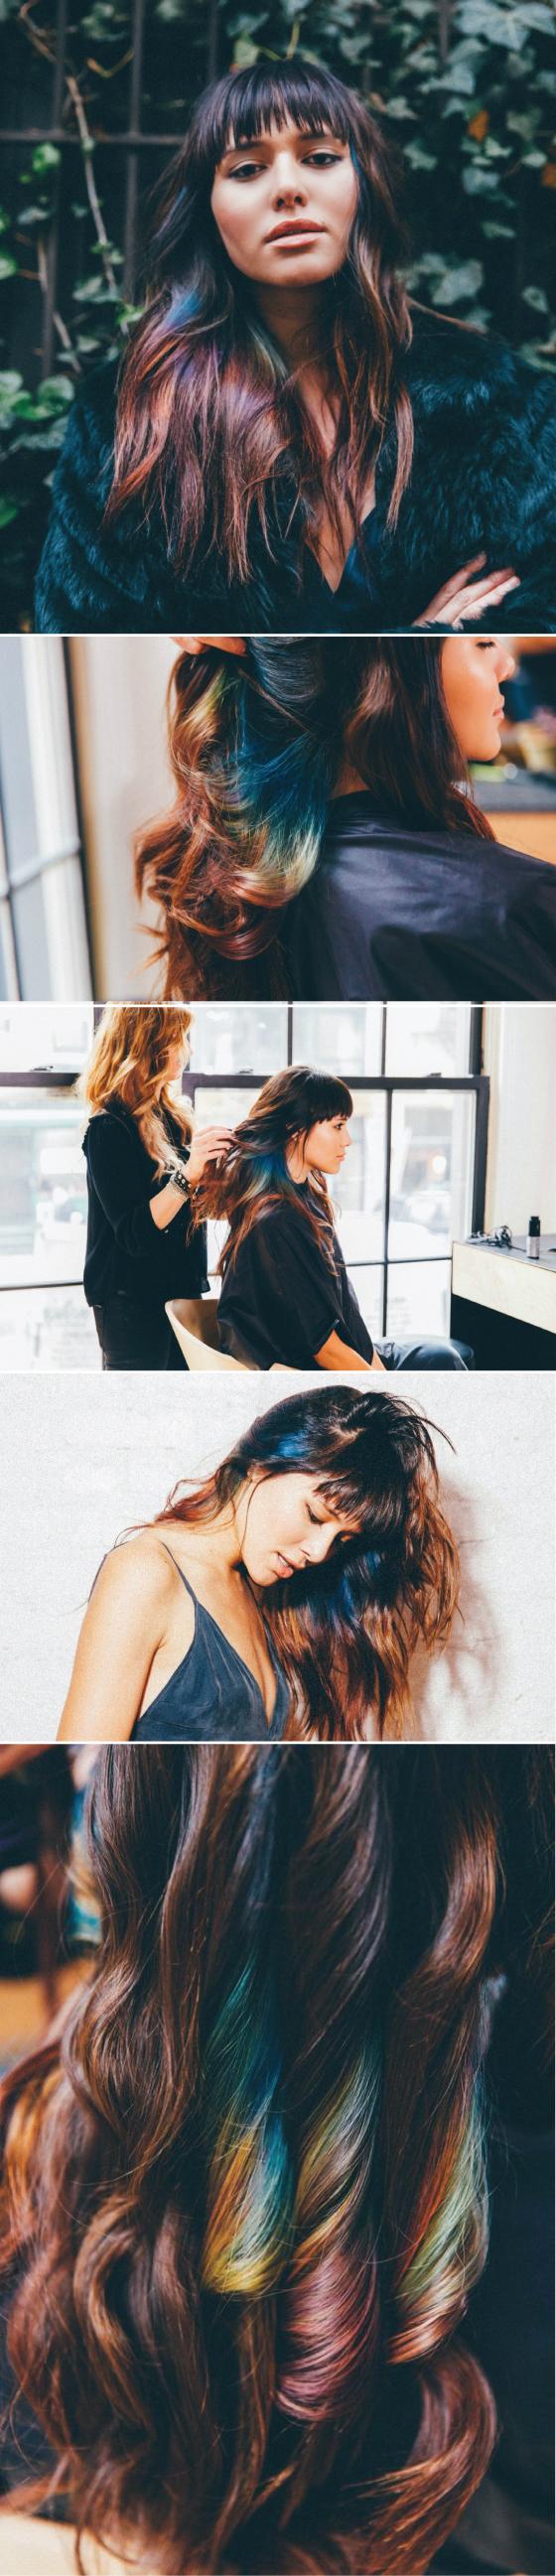 strobing-hair-cabelo-strobe-colorido-morena-matrix-tintura-cor-natalie-off-duty